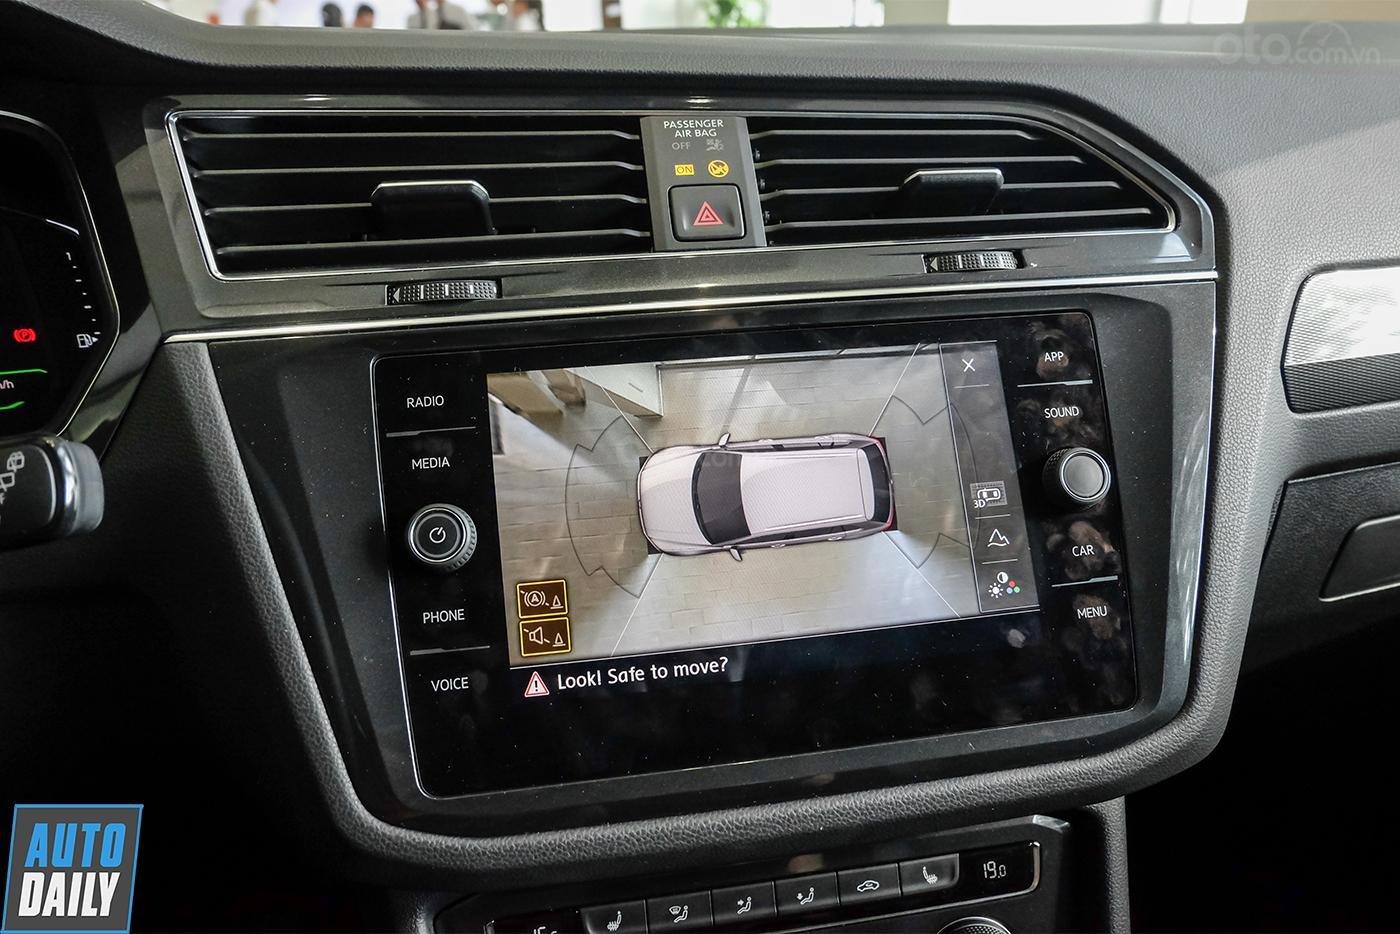 Tiguan Luxury S Màu xám - Phiên bản Offroad khuyến mãi hấp dẫn - Xe đủ màu giao ngay (12)